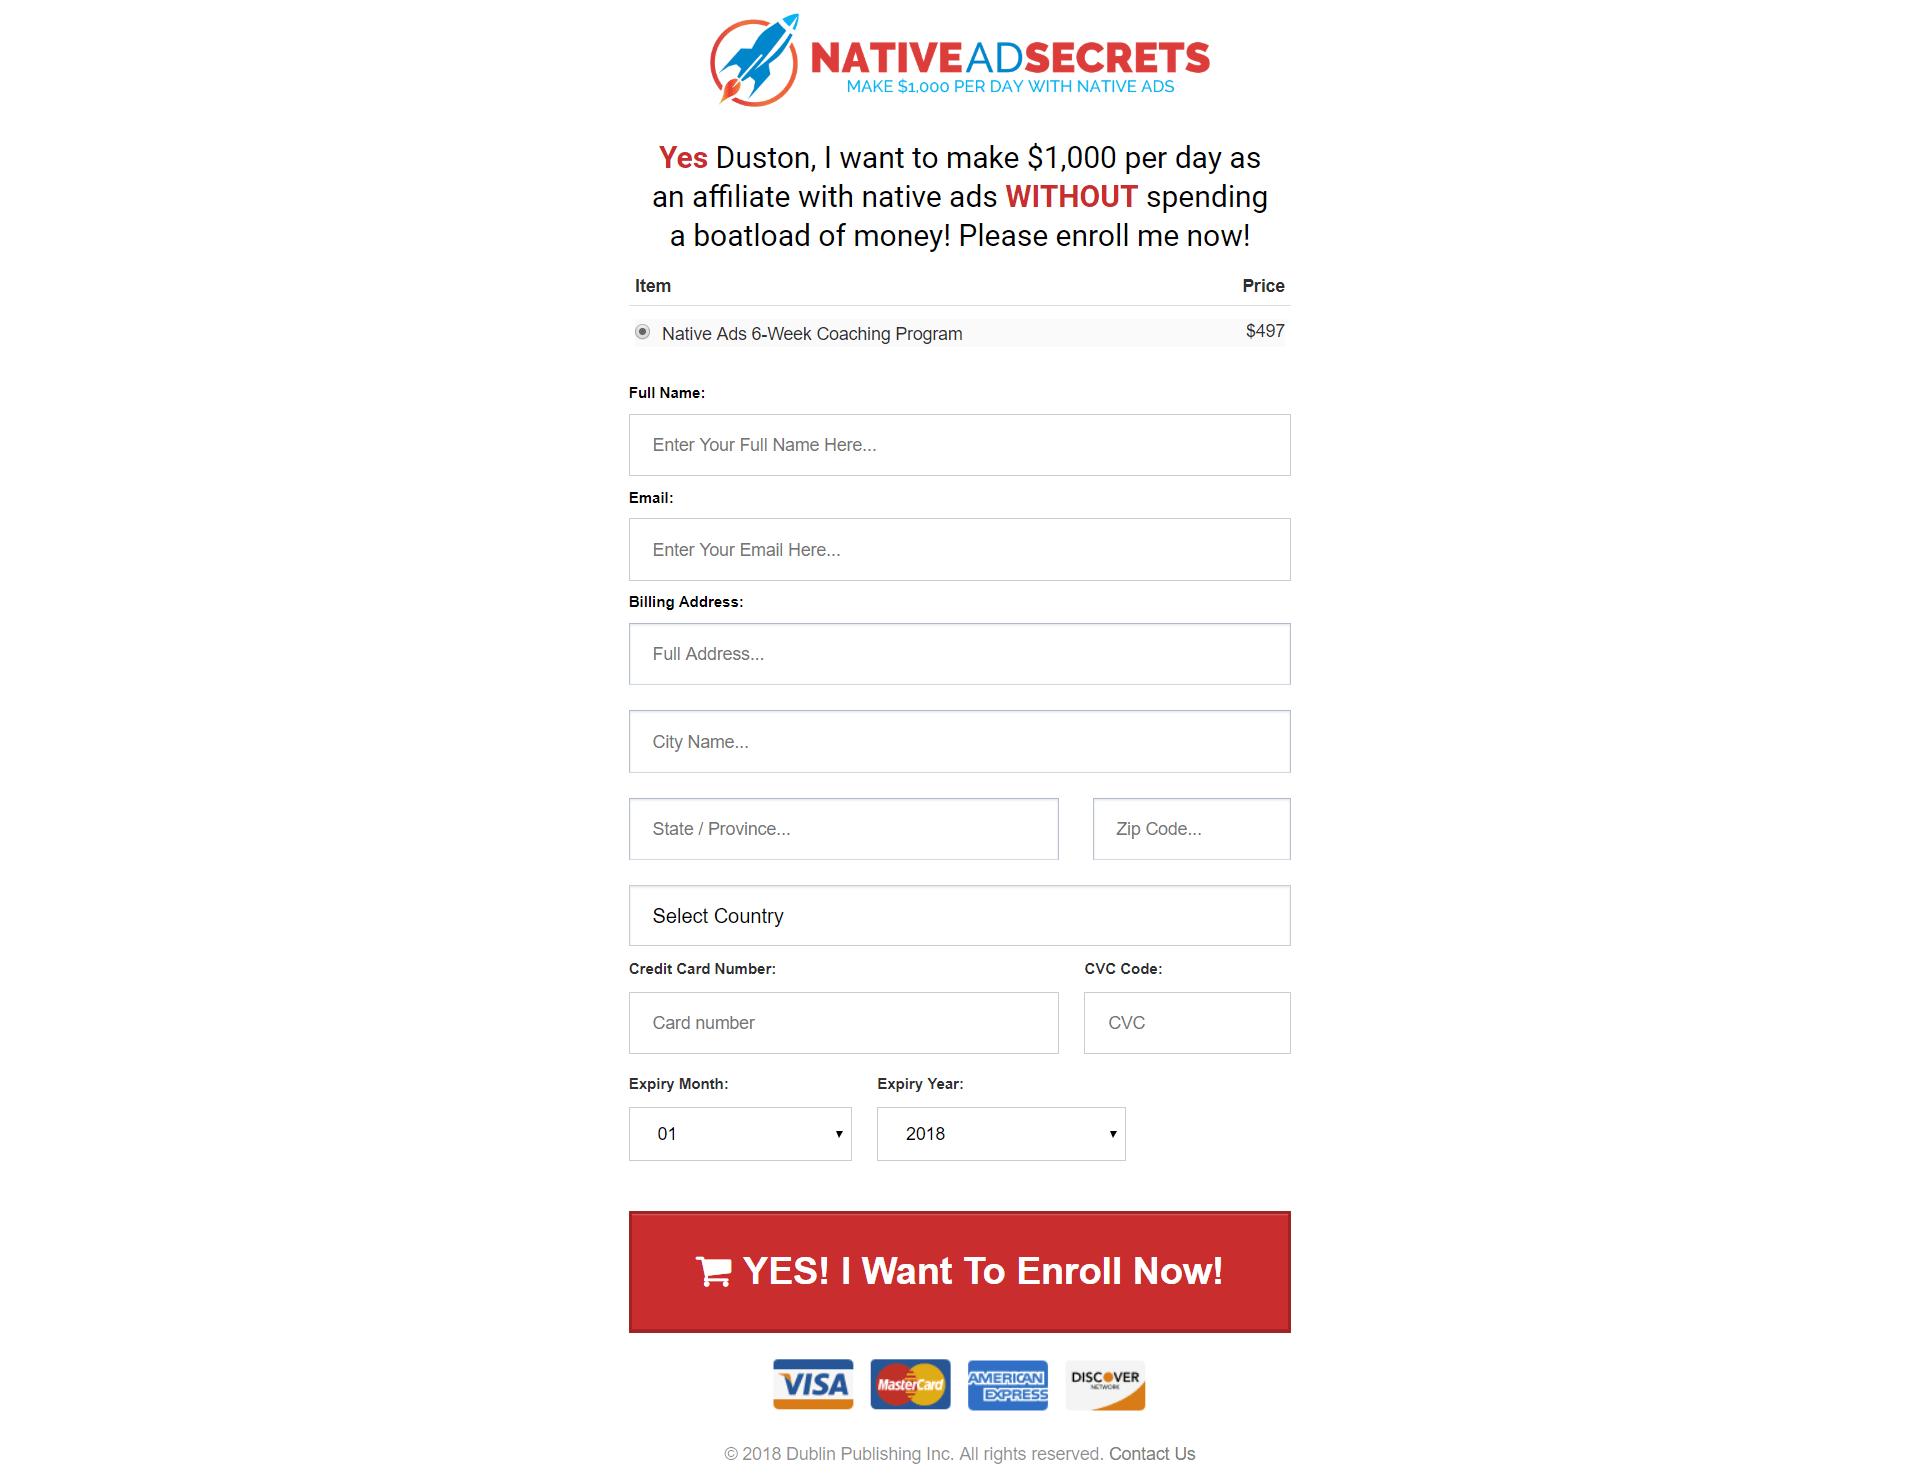 你愿意每天通过原生广告赚$1000美元而不花很多钱吗?(Native Ads 6-Week Coaching Program)